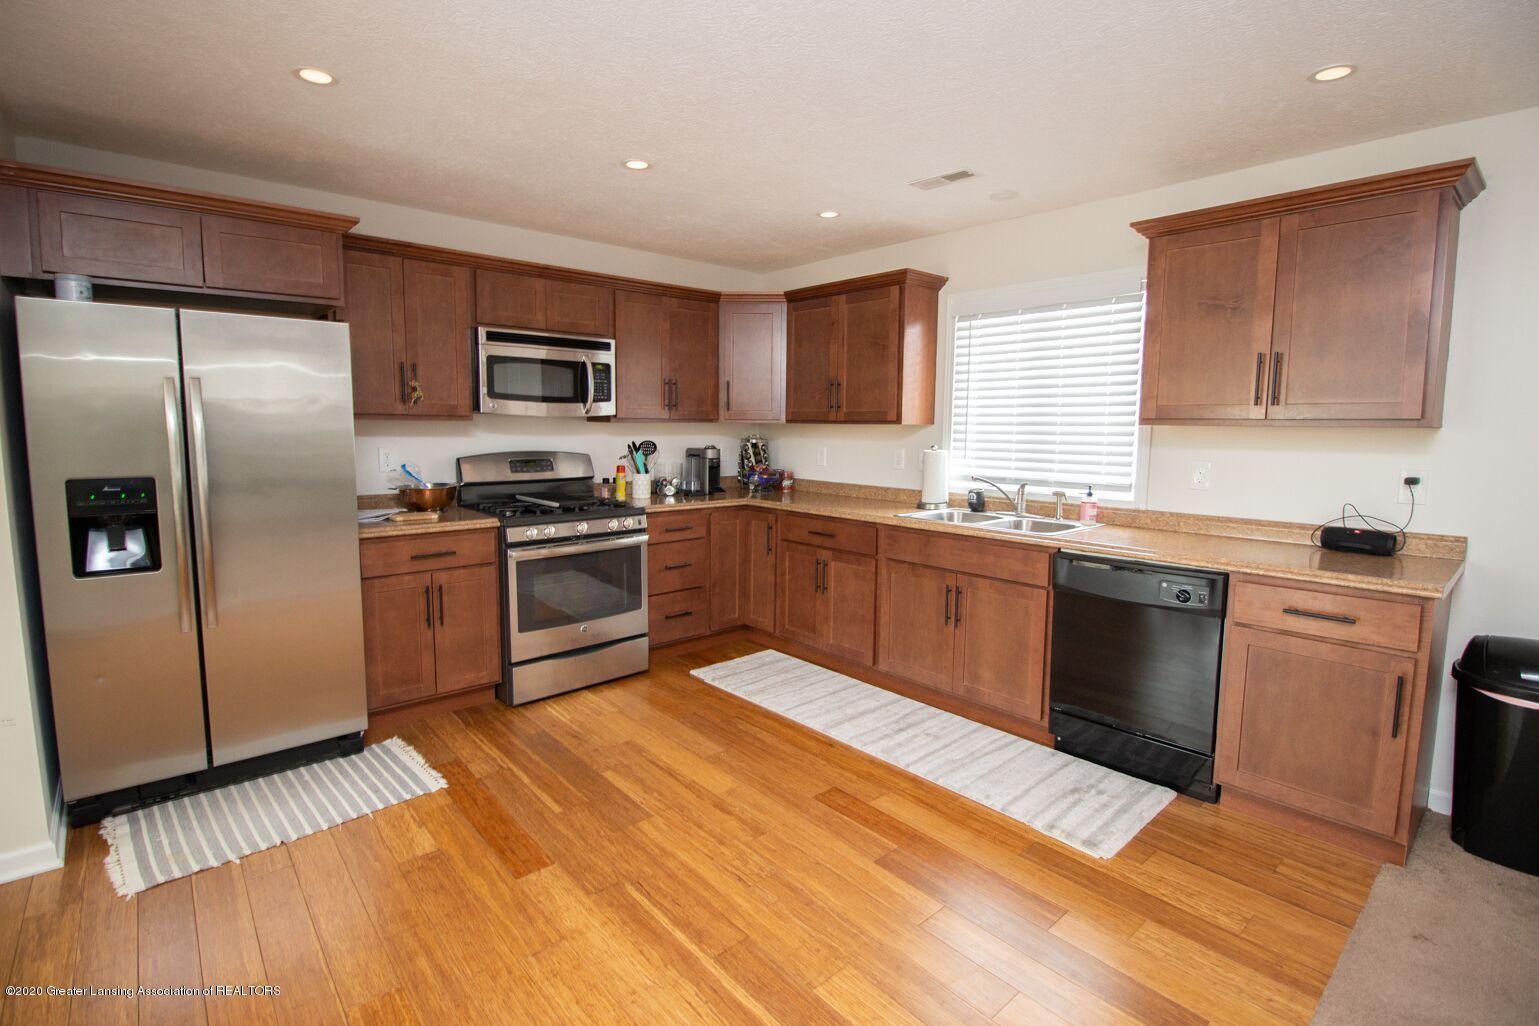 2231 Vandecarr Rd - kitchen - 7